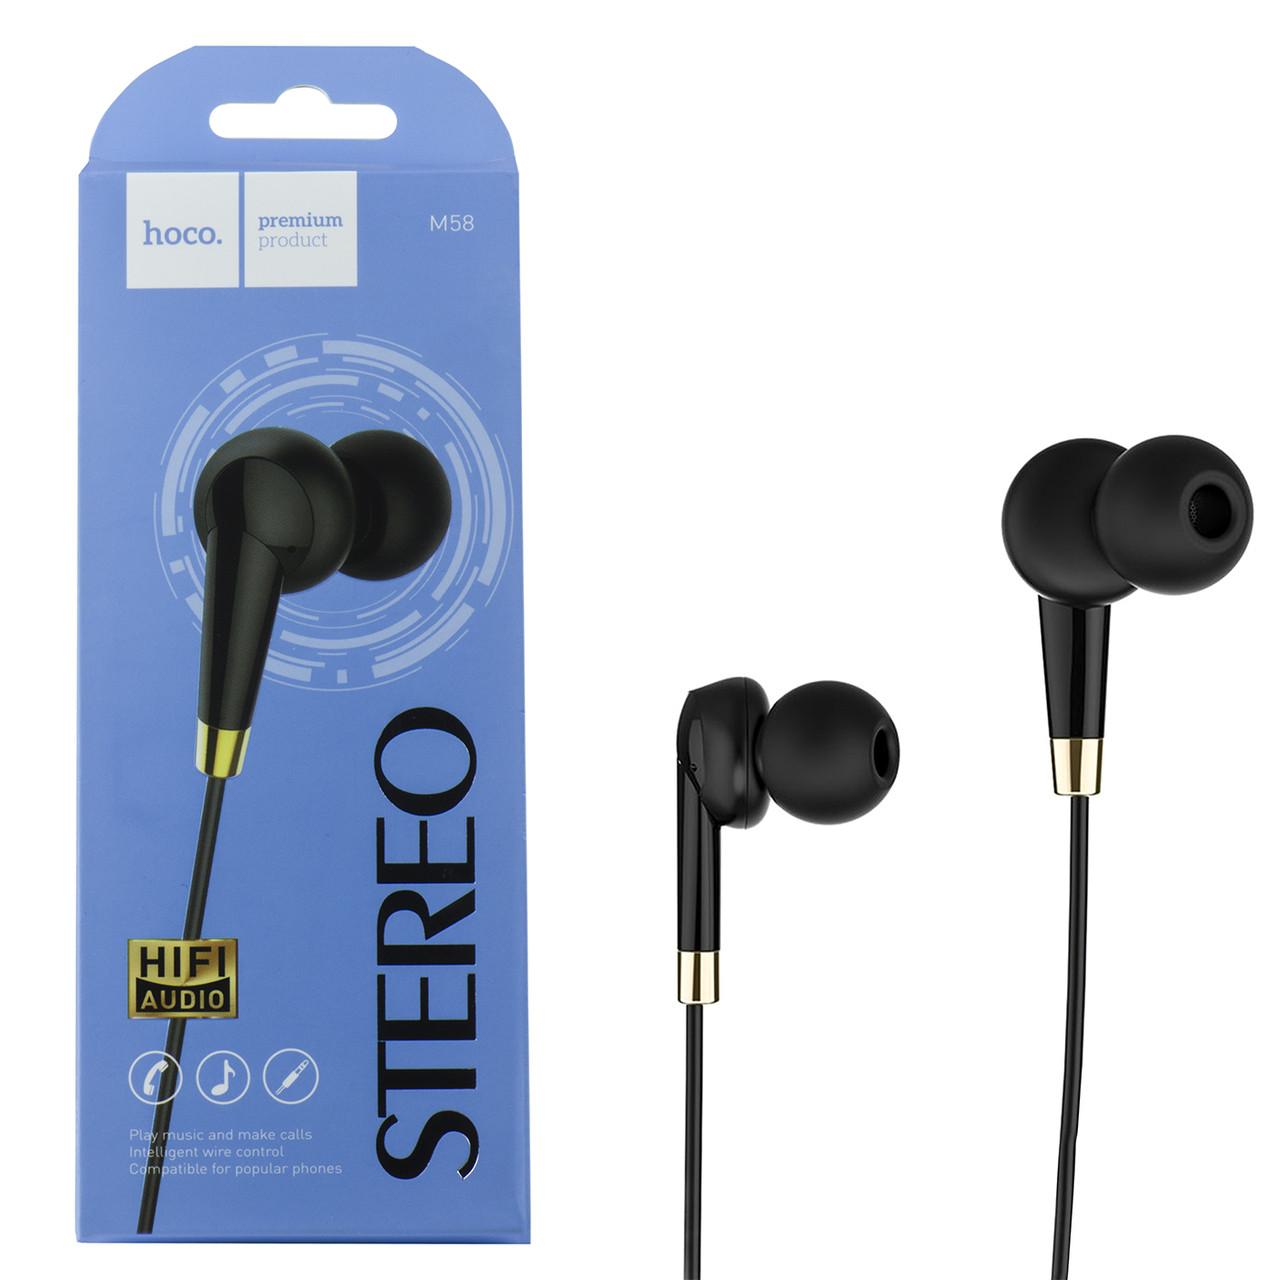 Гарнитура Hoco M58 Stereo HiFi Audio, Black